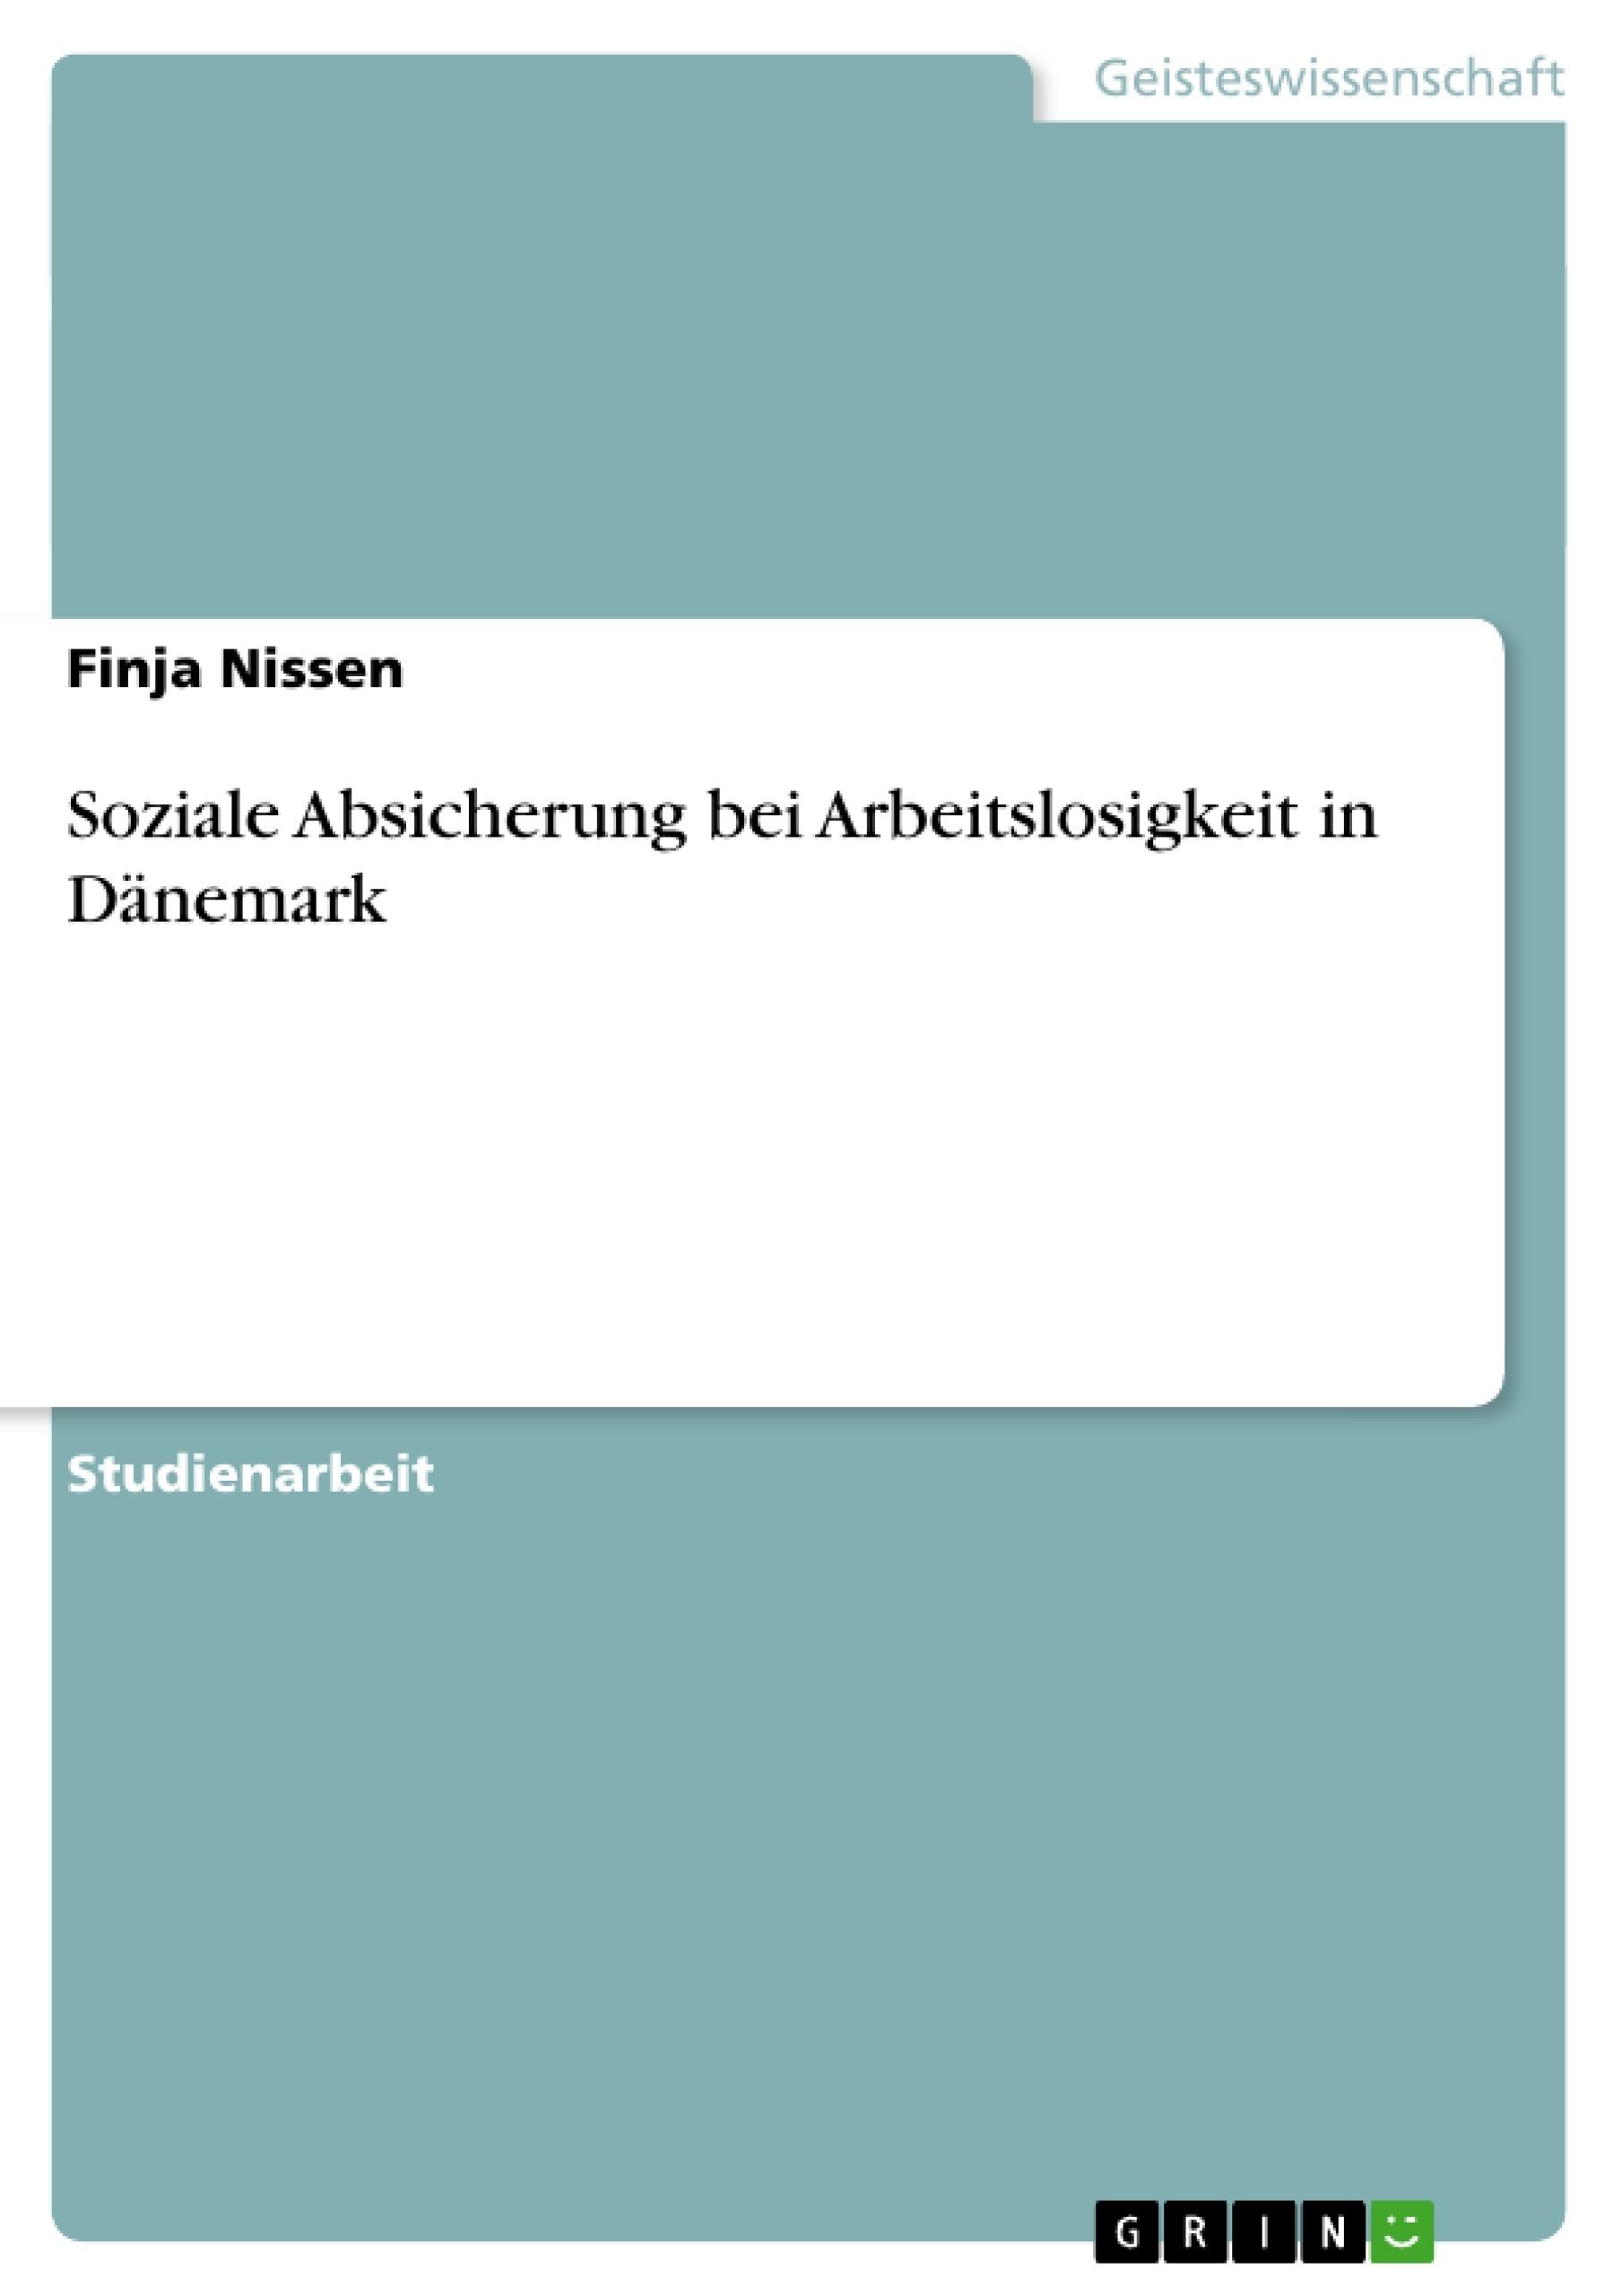 Titel: Soziale Absicherung bei Arbeitslosigkeit in Dänemark